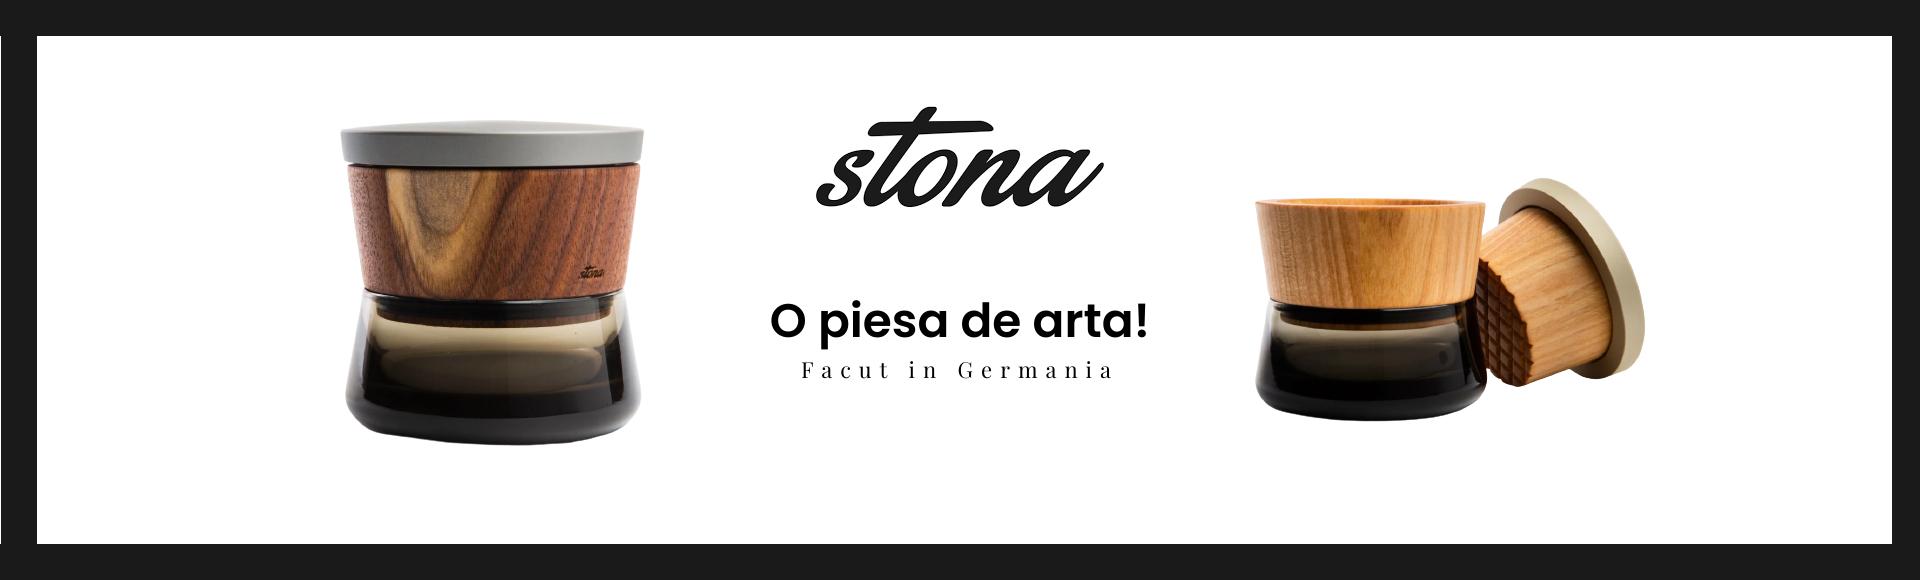 sTona